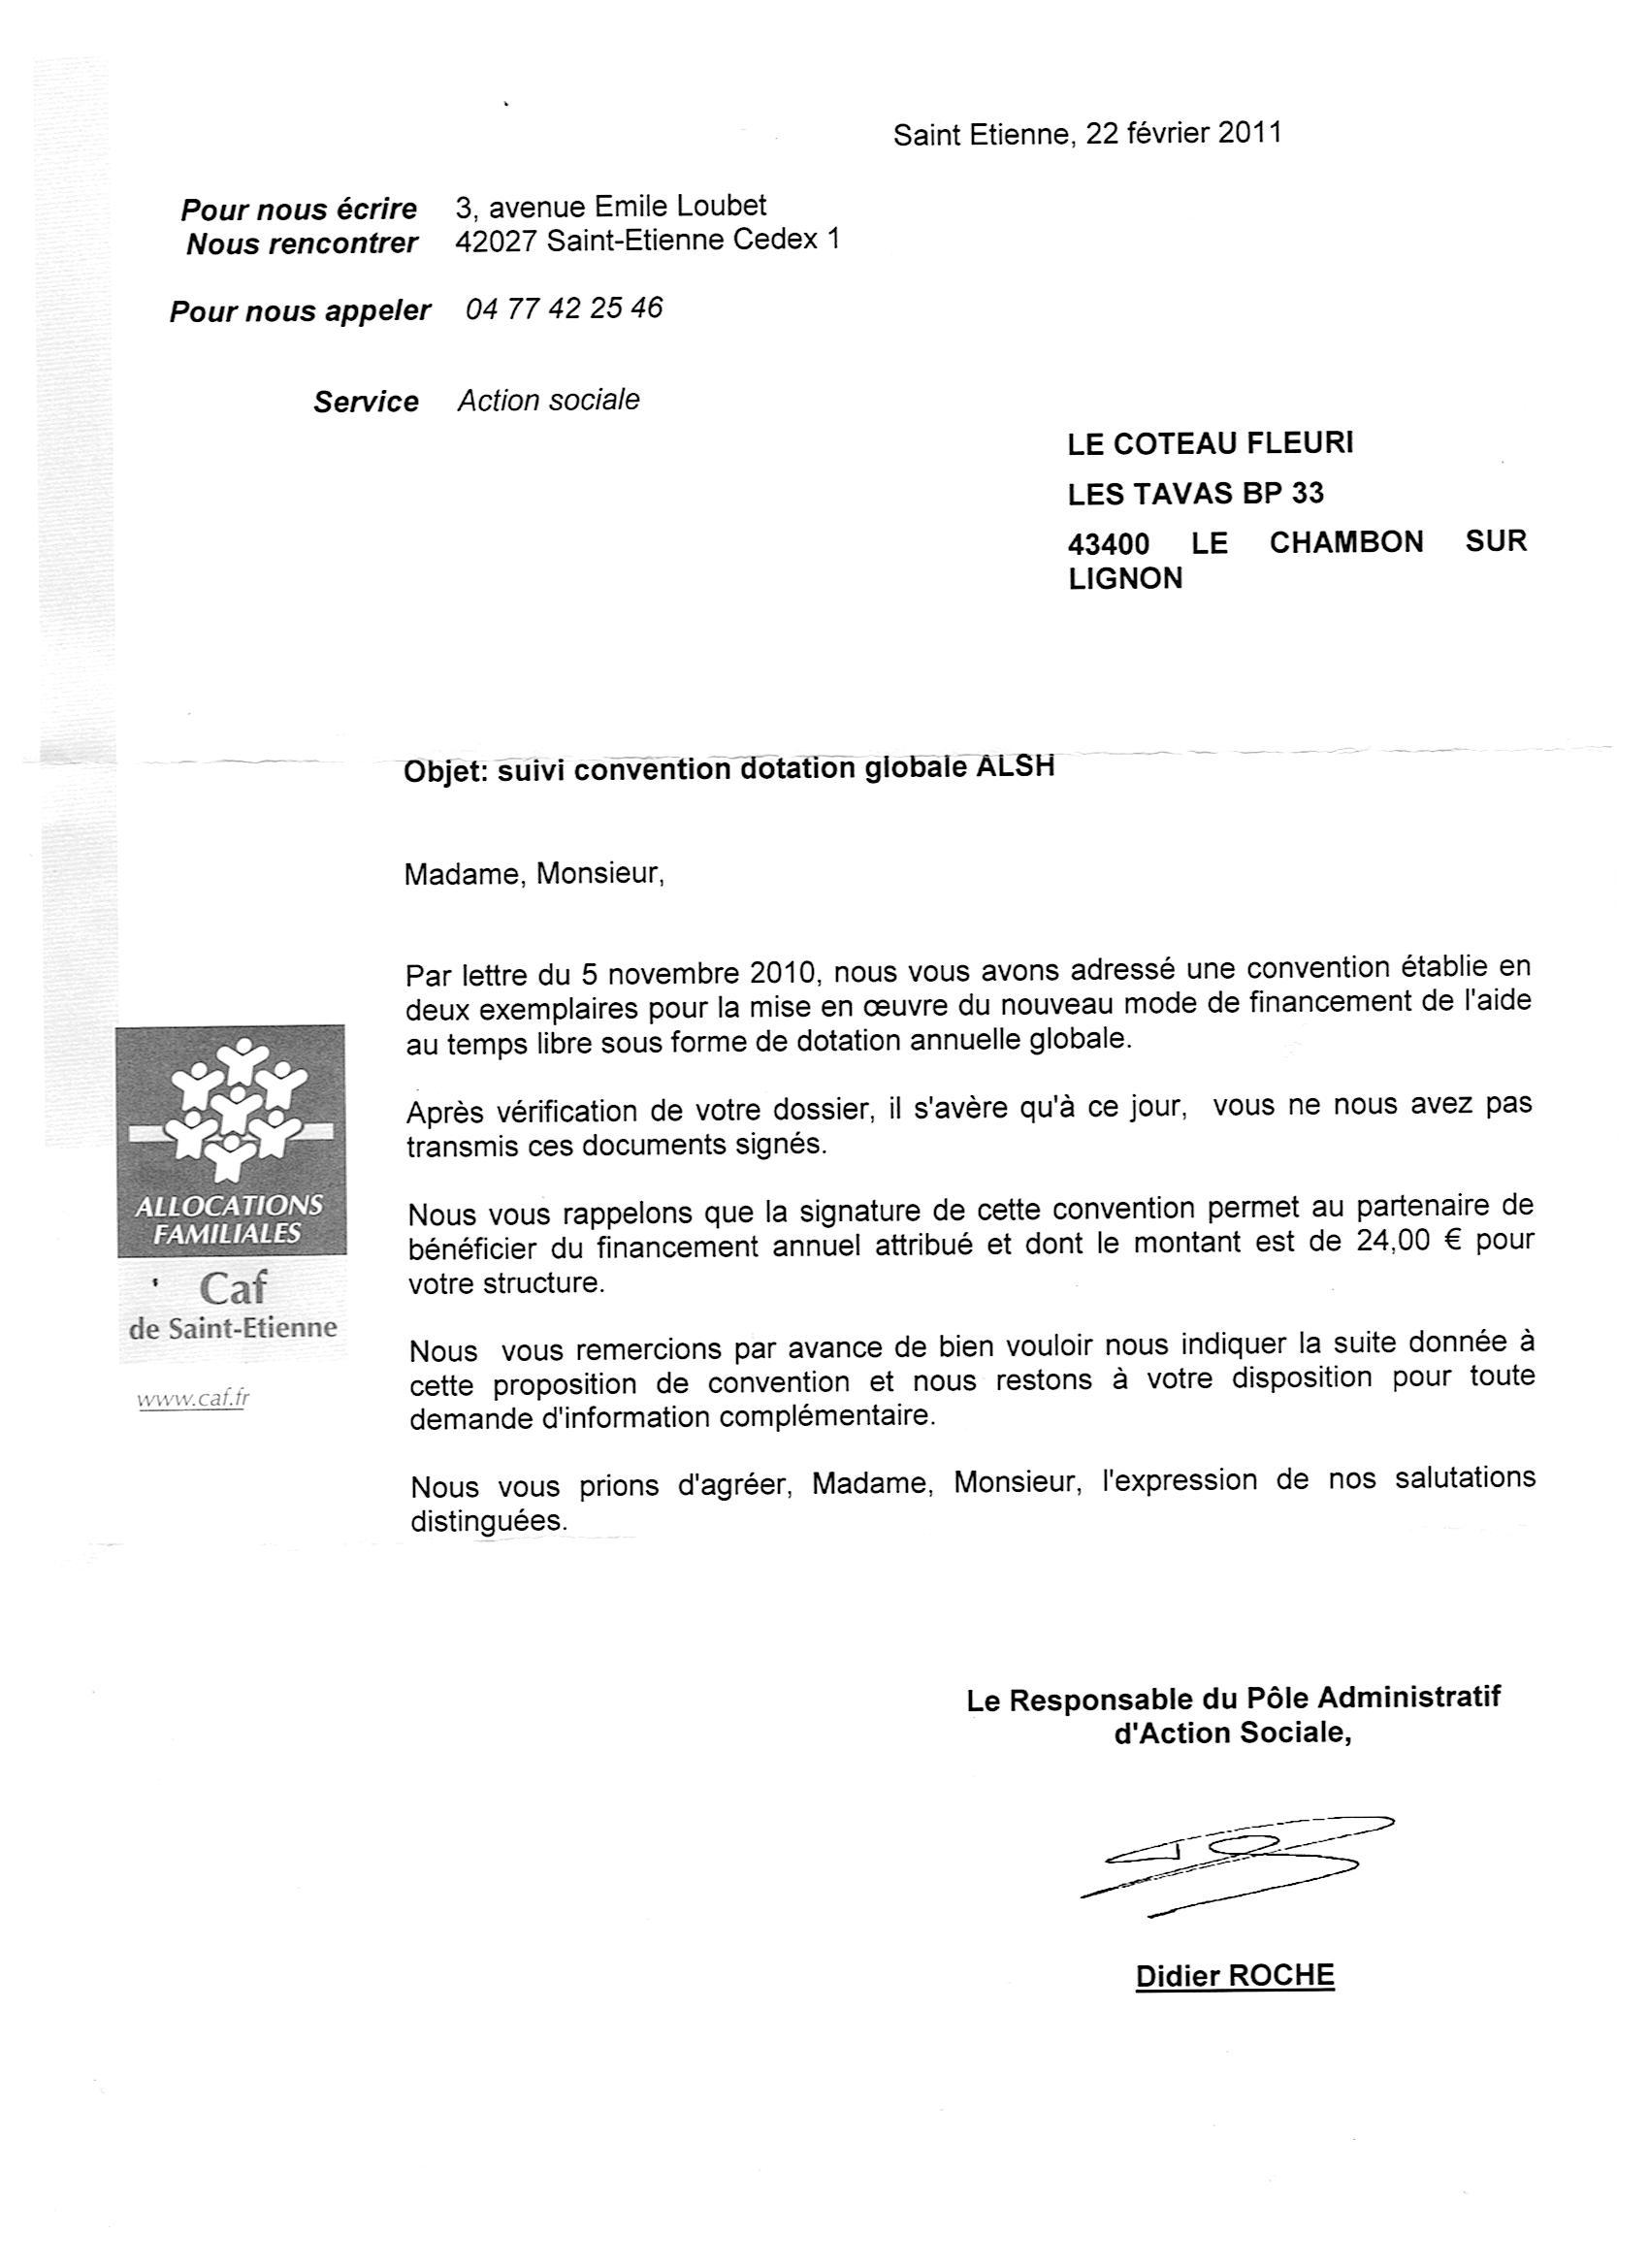 courrier caf 001  u2013 domaine du coteau fleuri